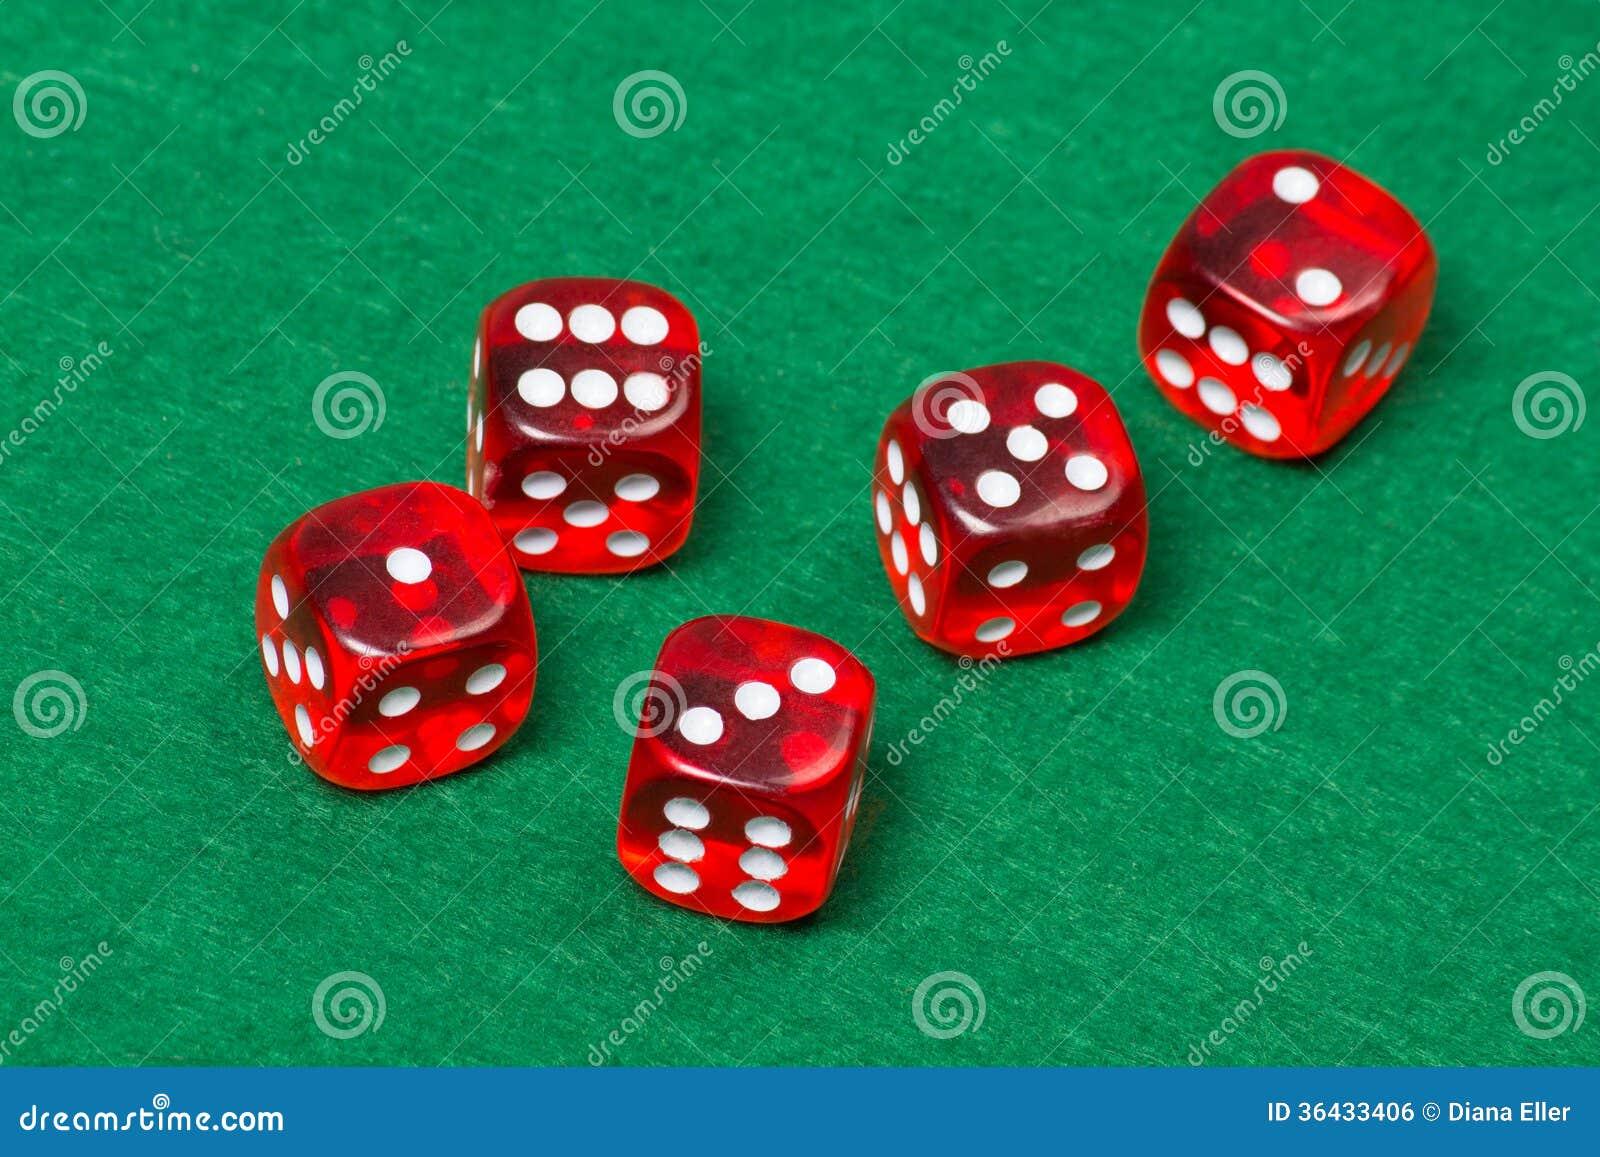 Casino kursaal oostende parkeren